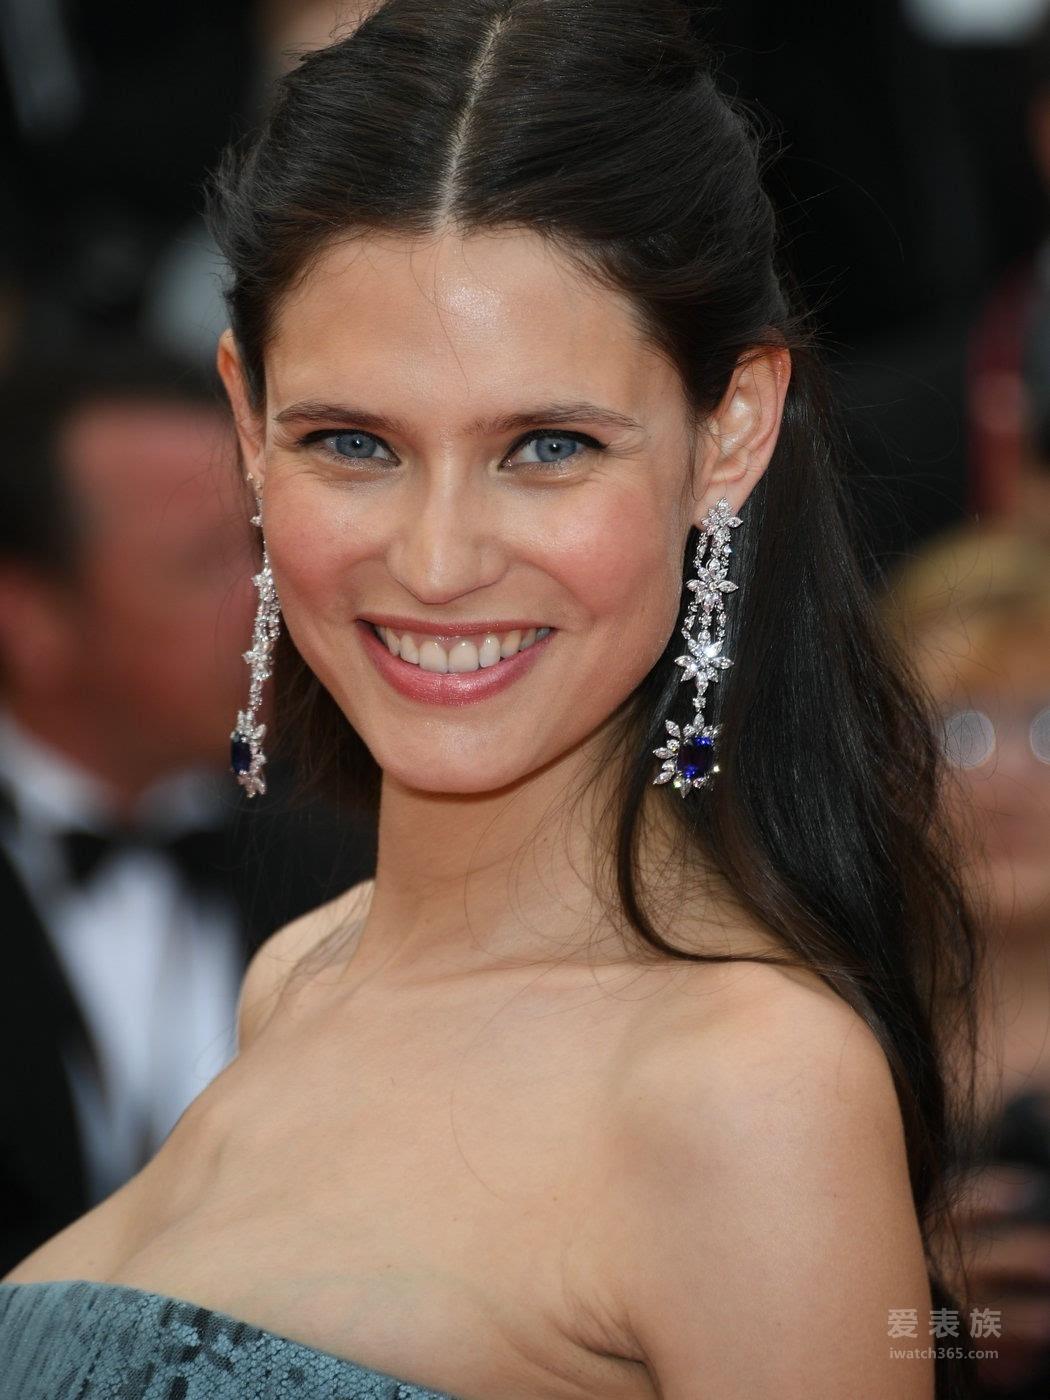 意大利超模比安卡·巴尔蒂(Bianca Balti)佩戴一对18k白金镶嵌蓝宝石和钻石耳环